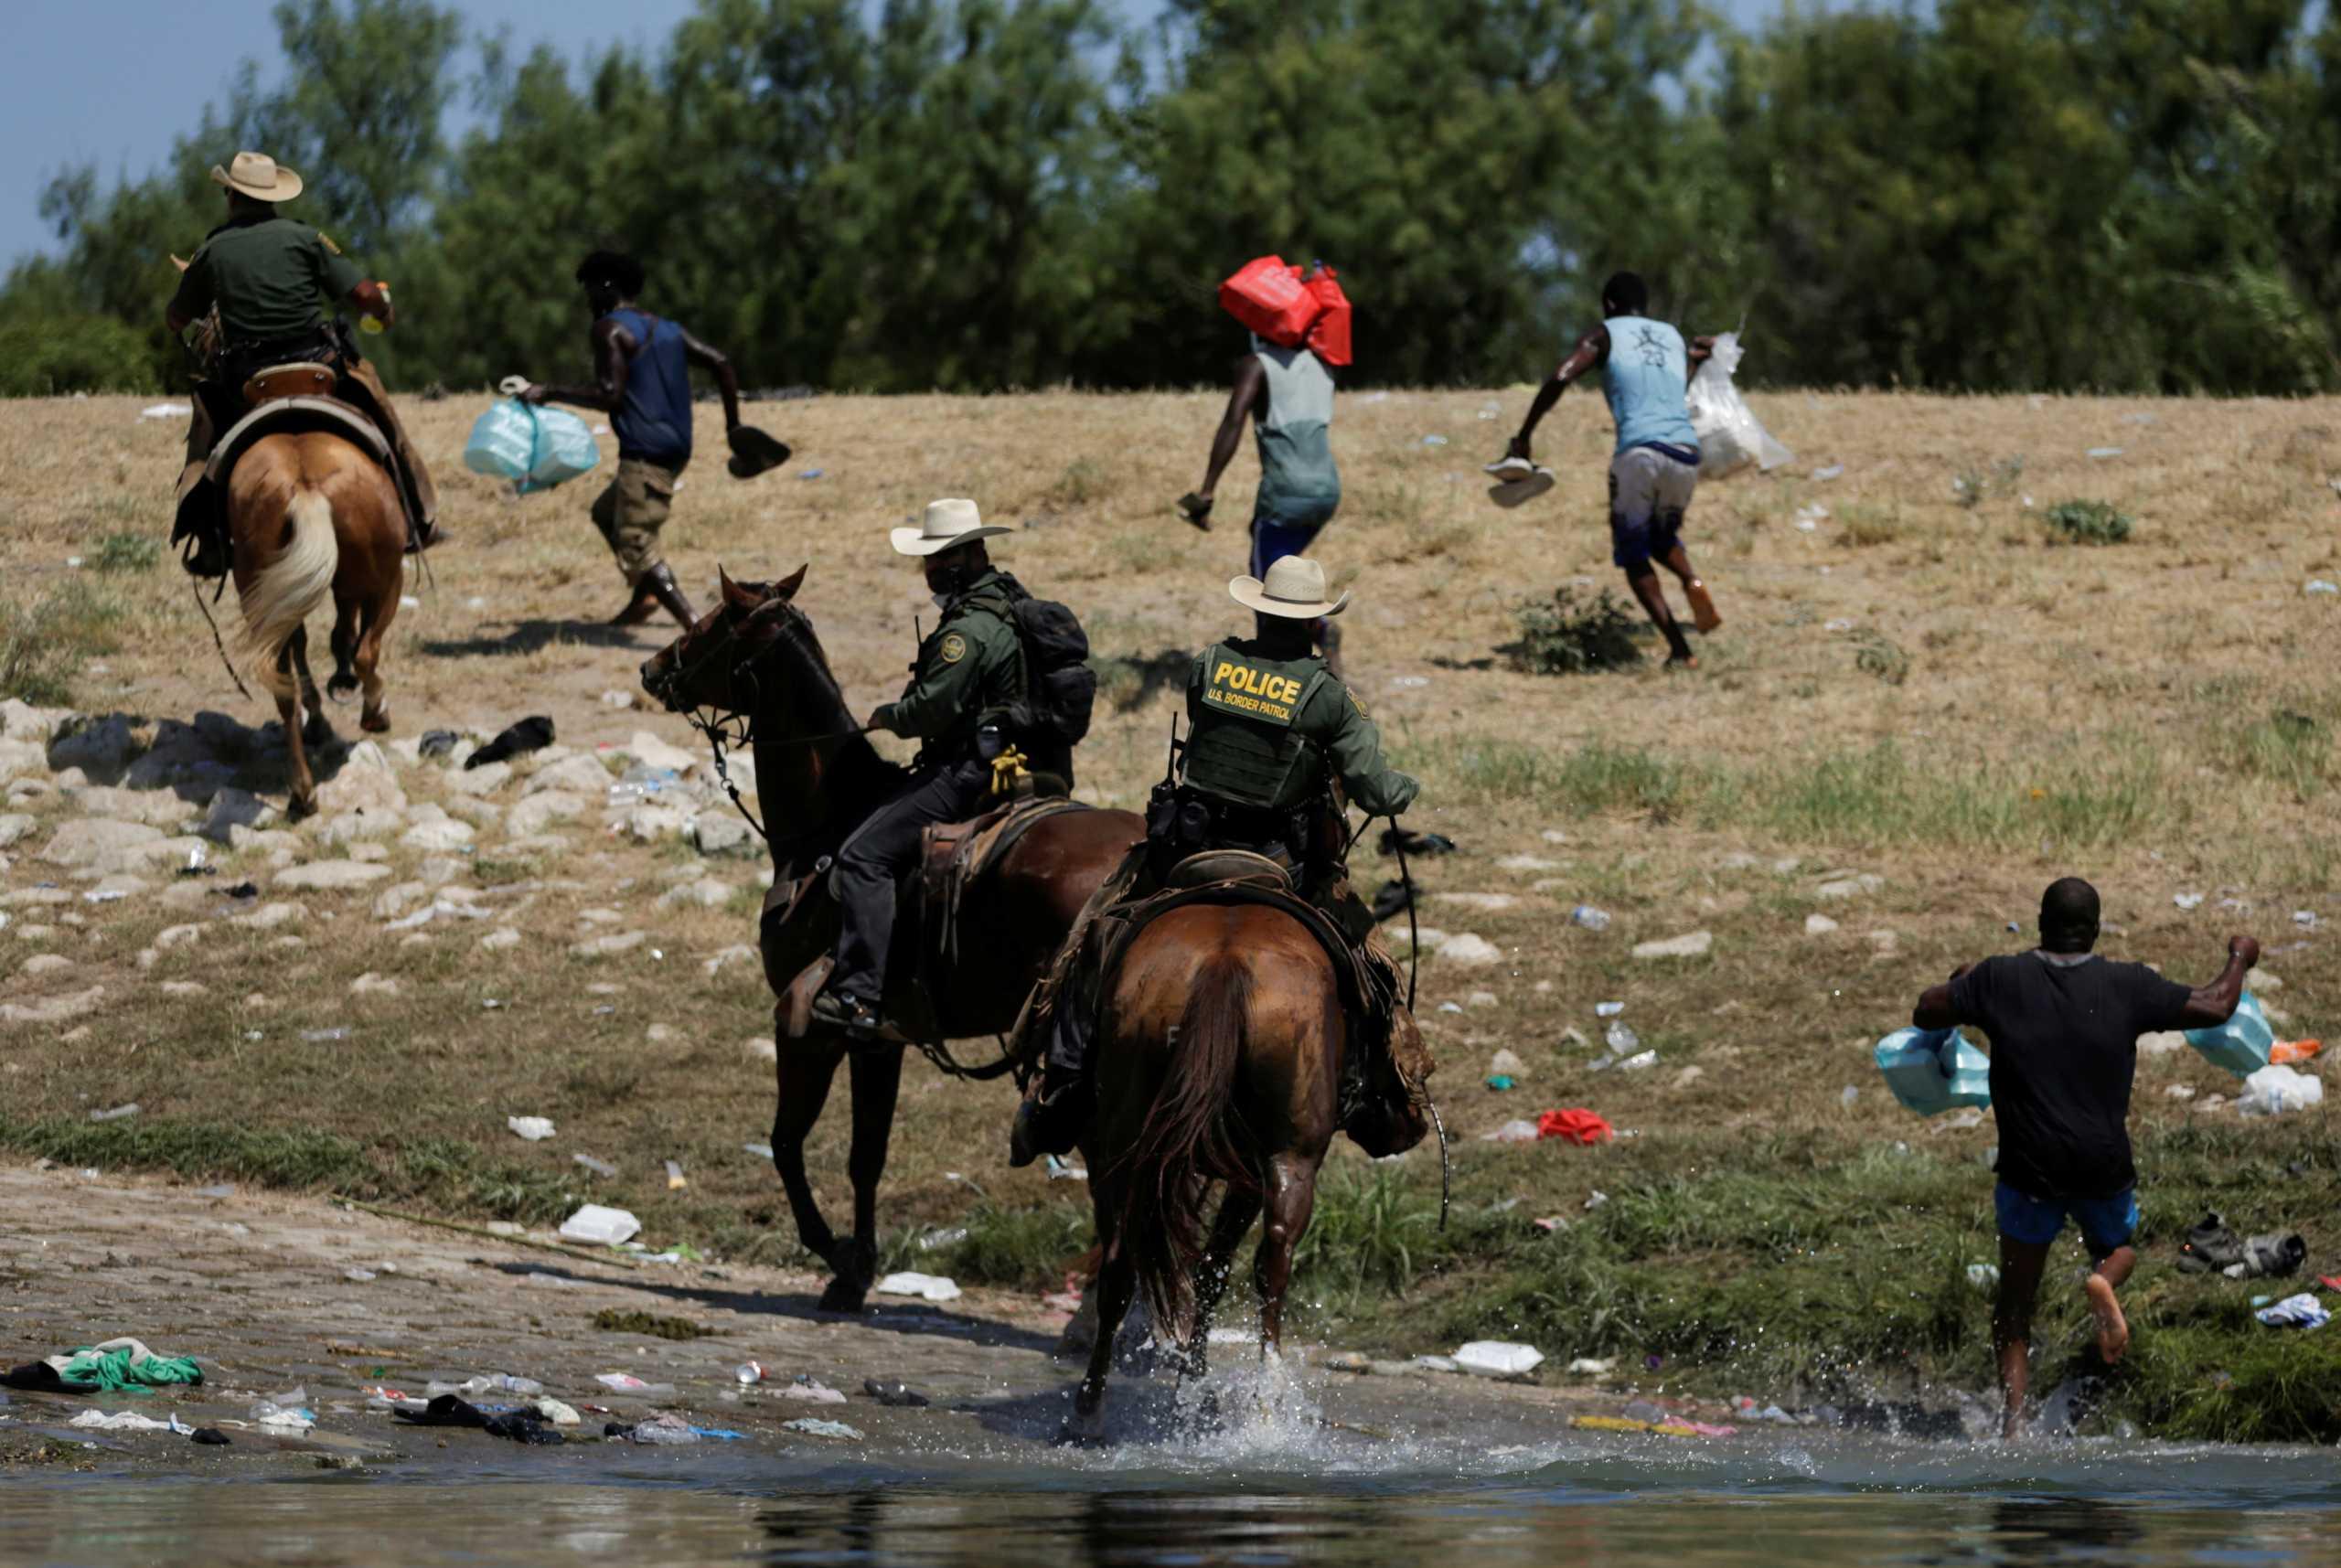 Ρίο Γκράντε: Έφιπποι συνοριοφύλακες κυνηγούν μετανάστες στα σύνορα ΗΠΑ – Μεξικό